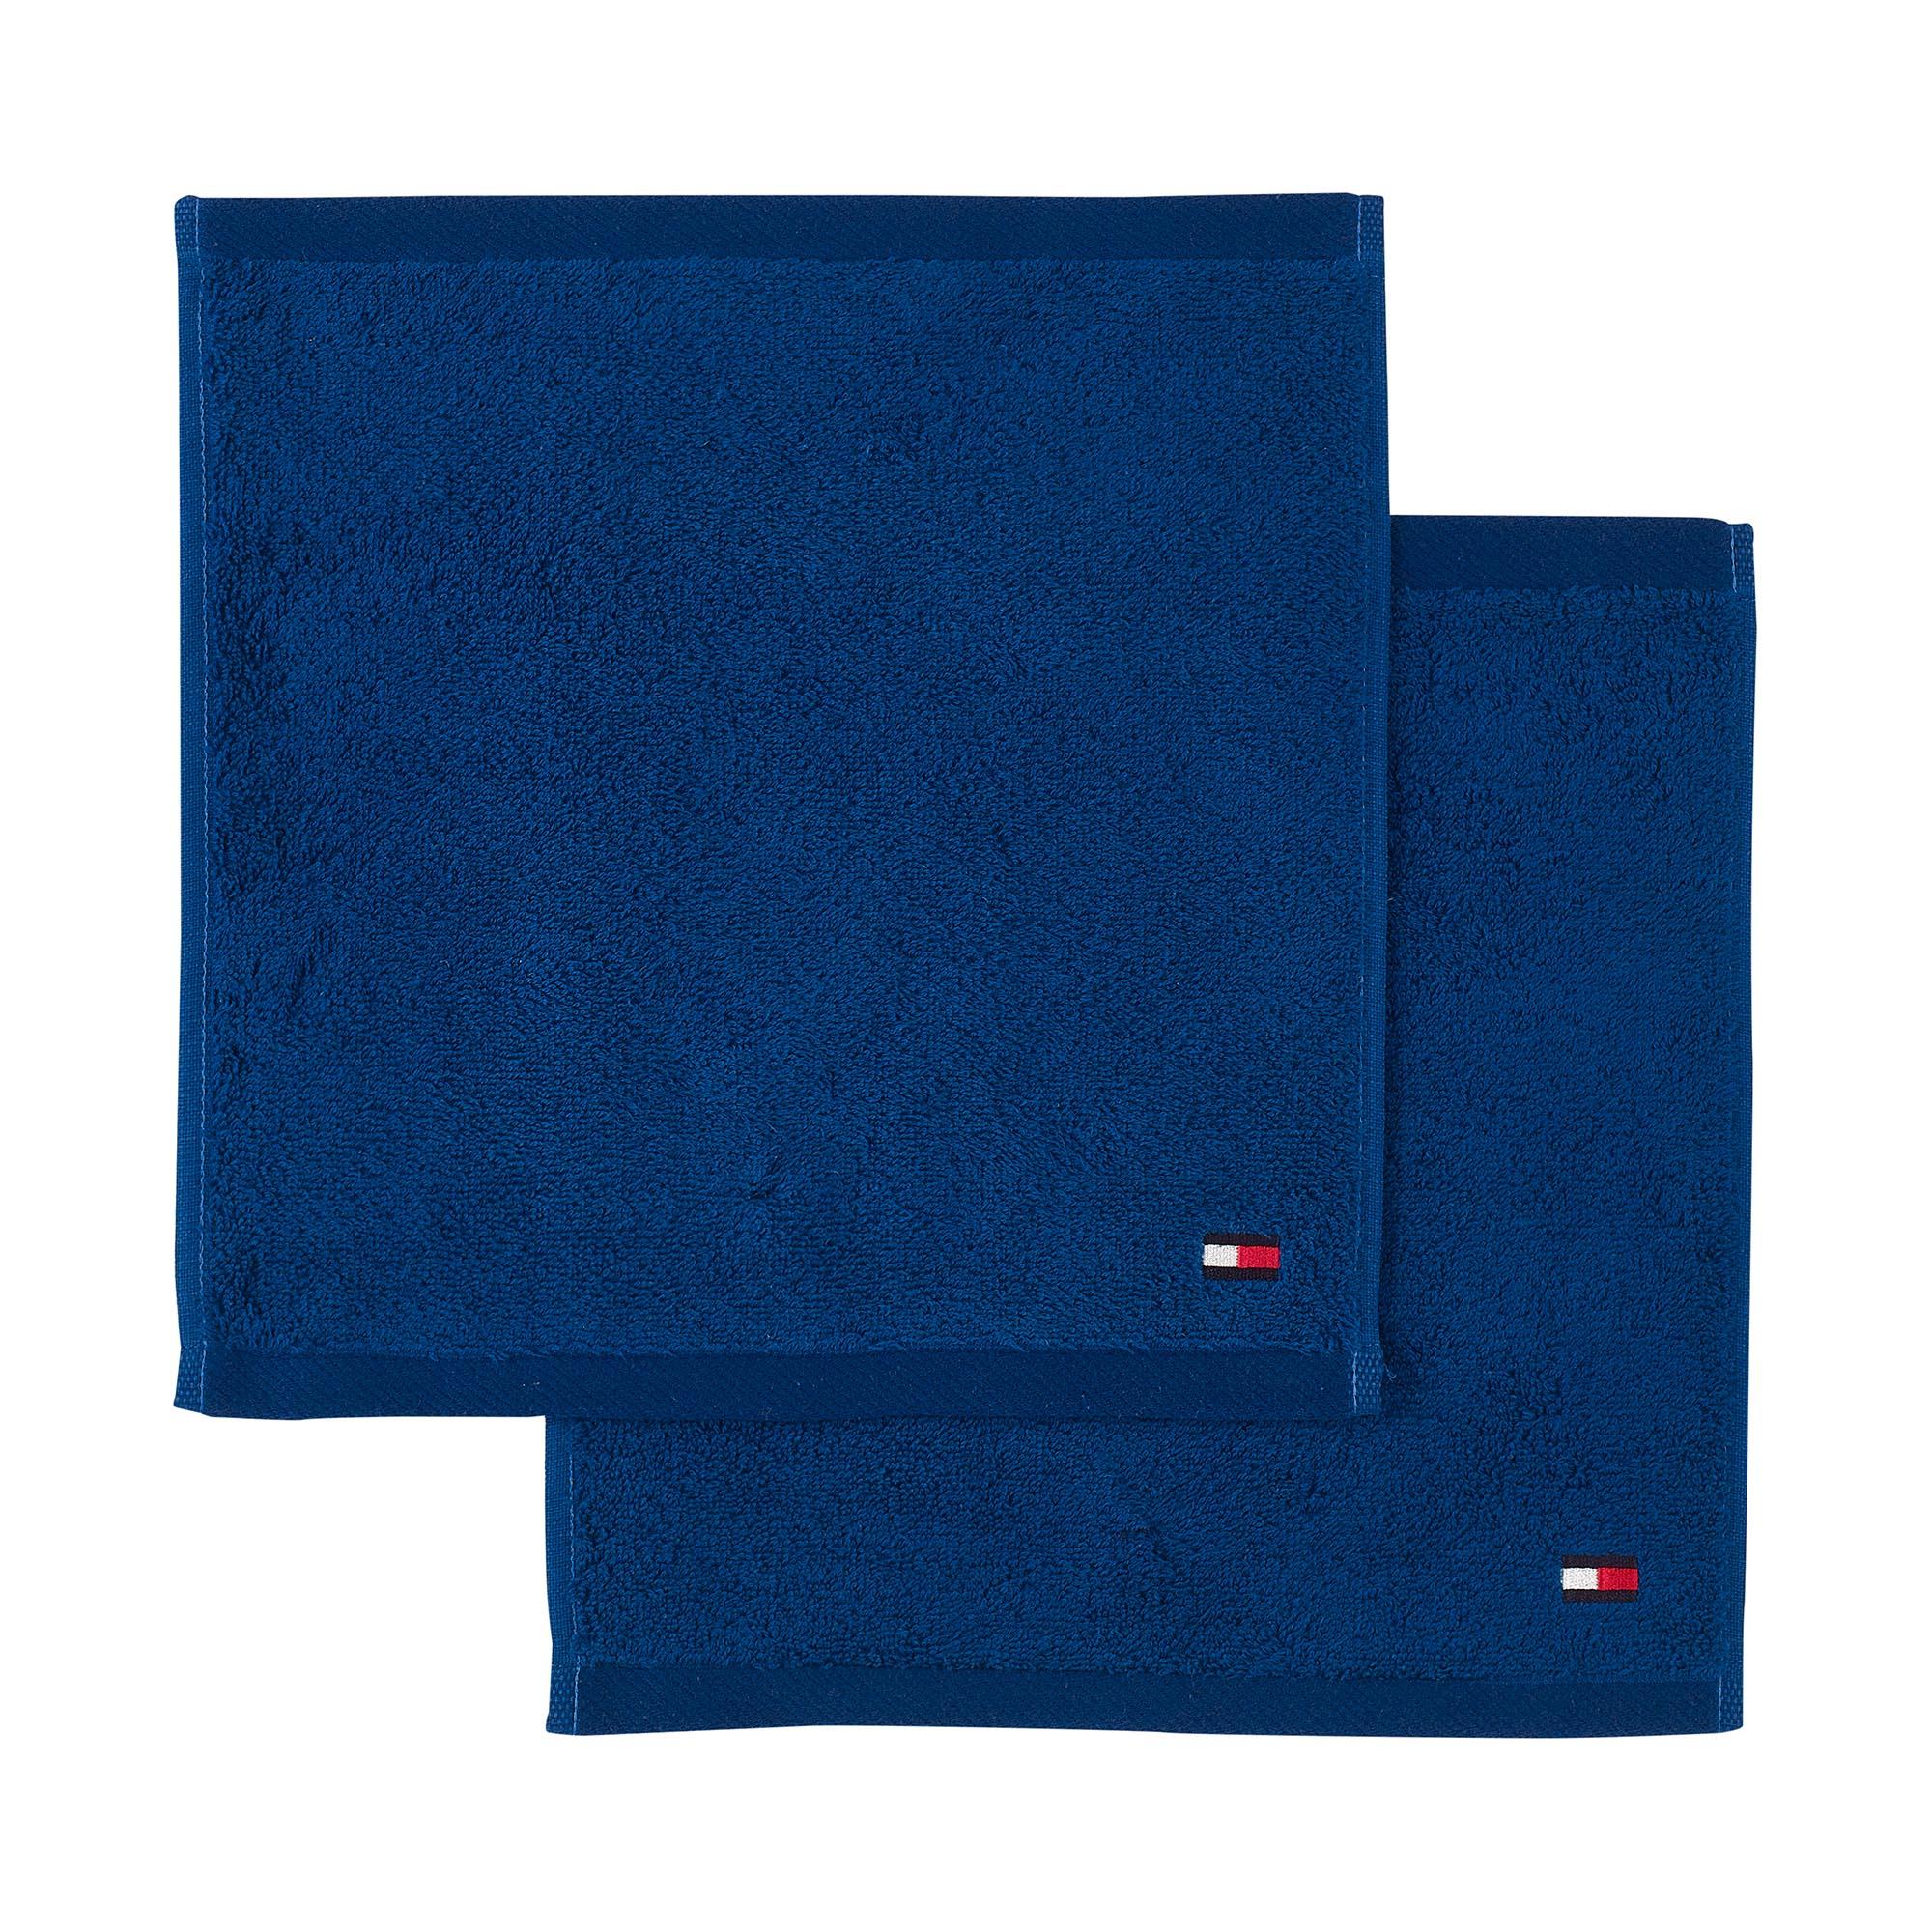 Tommy Hilfiger LEGEND 2 EPONGE 2 serviettes carrées REGATTA